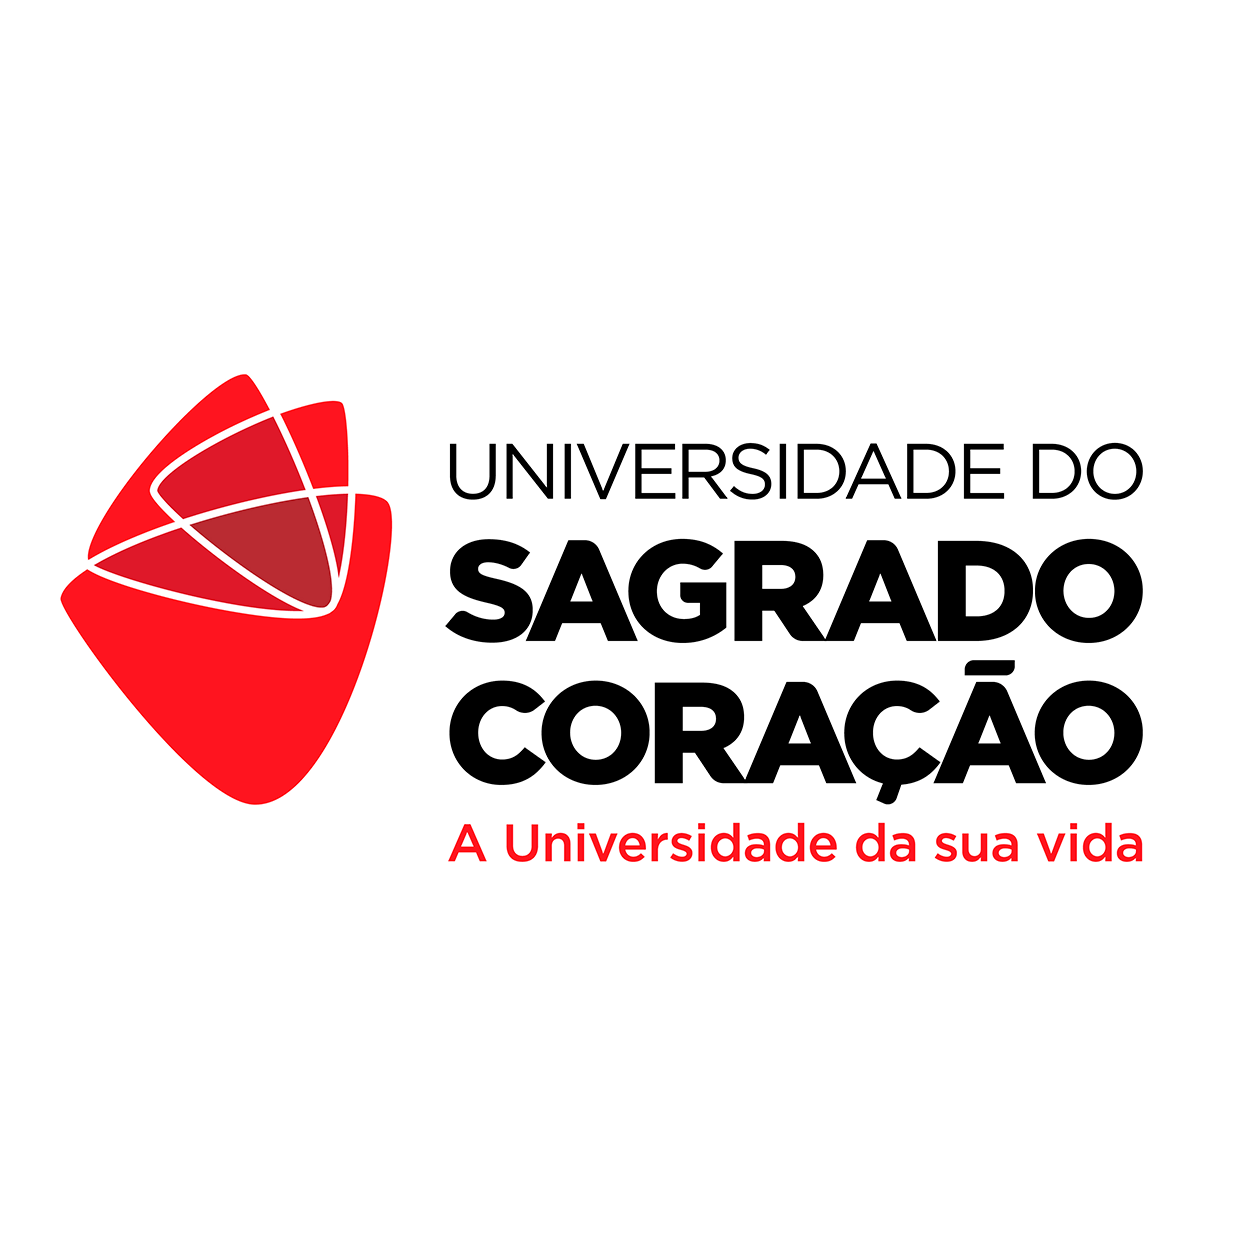 USC UNIVERSIDADE DO SAGRADO CORAÇÃO